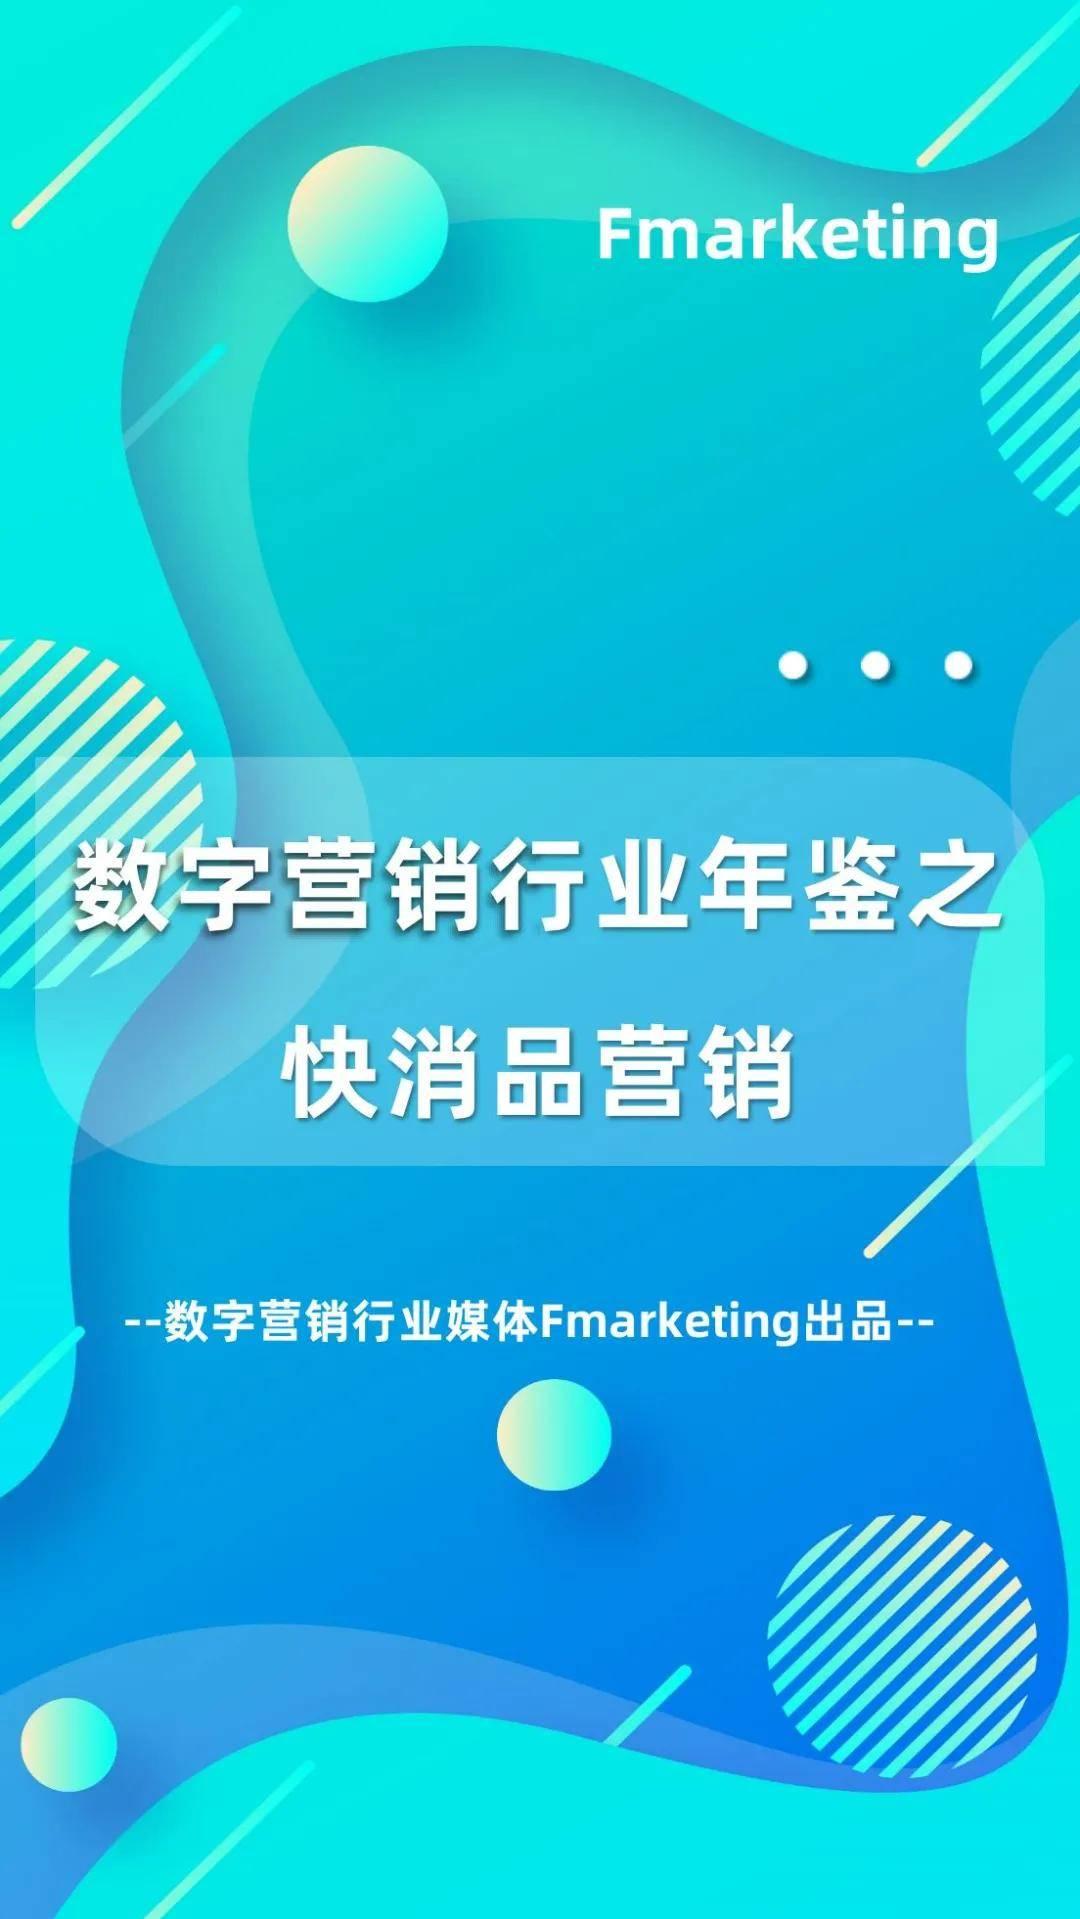 2020年数字营销行业年鉴——快消品营销